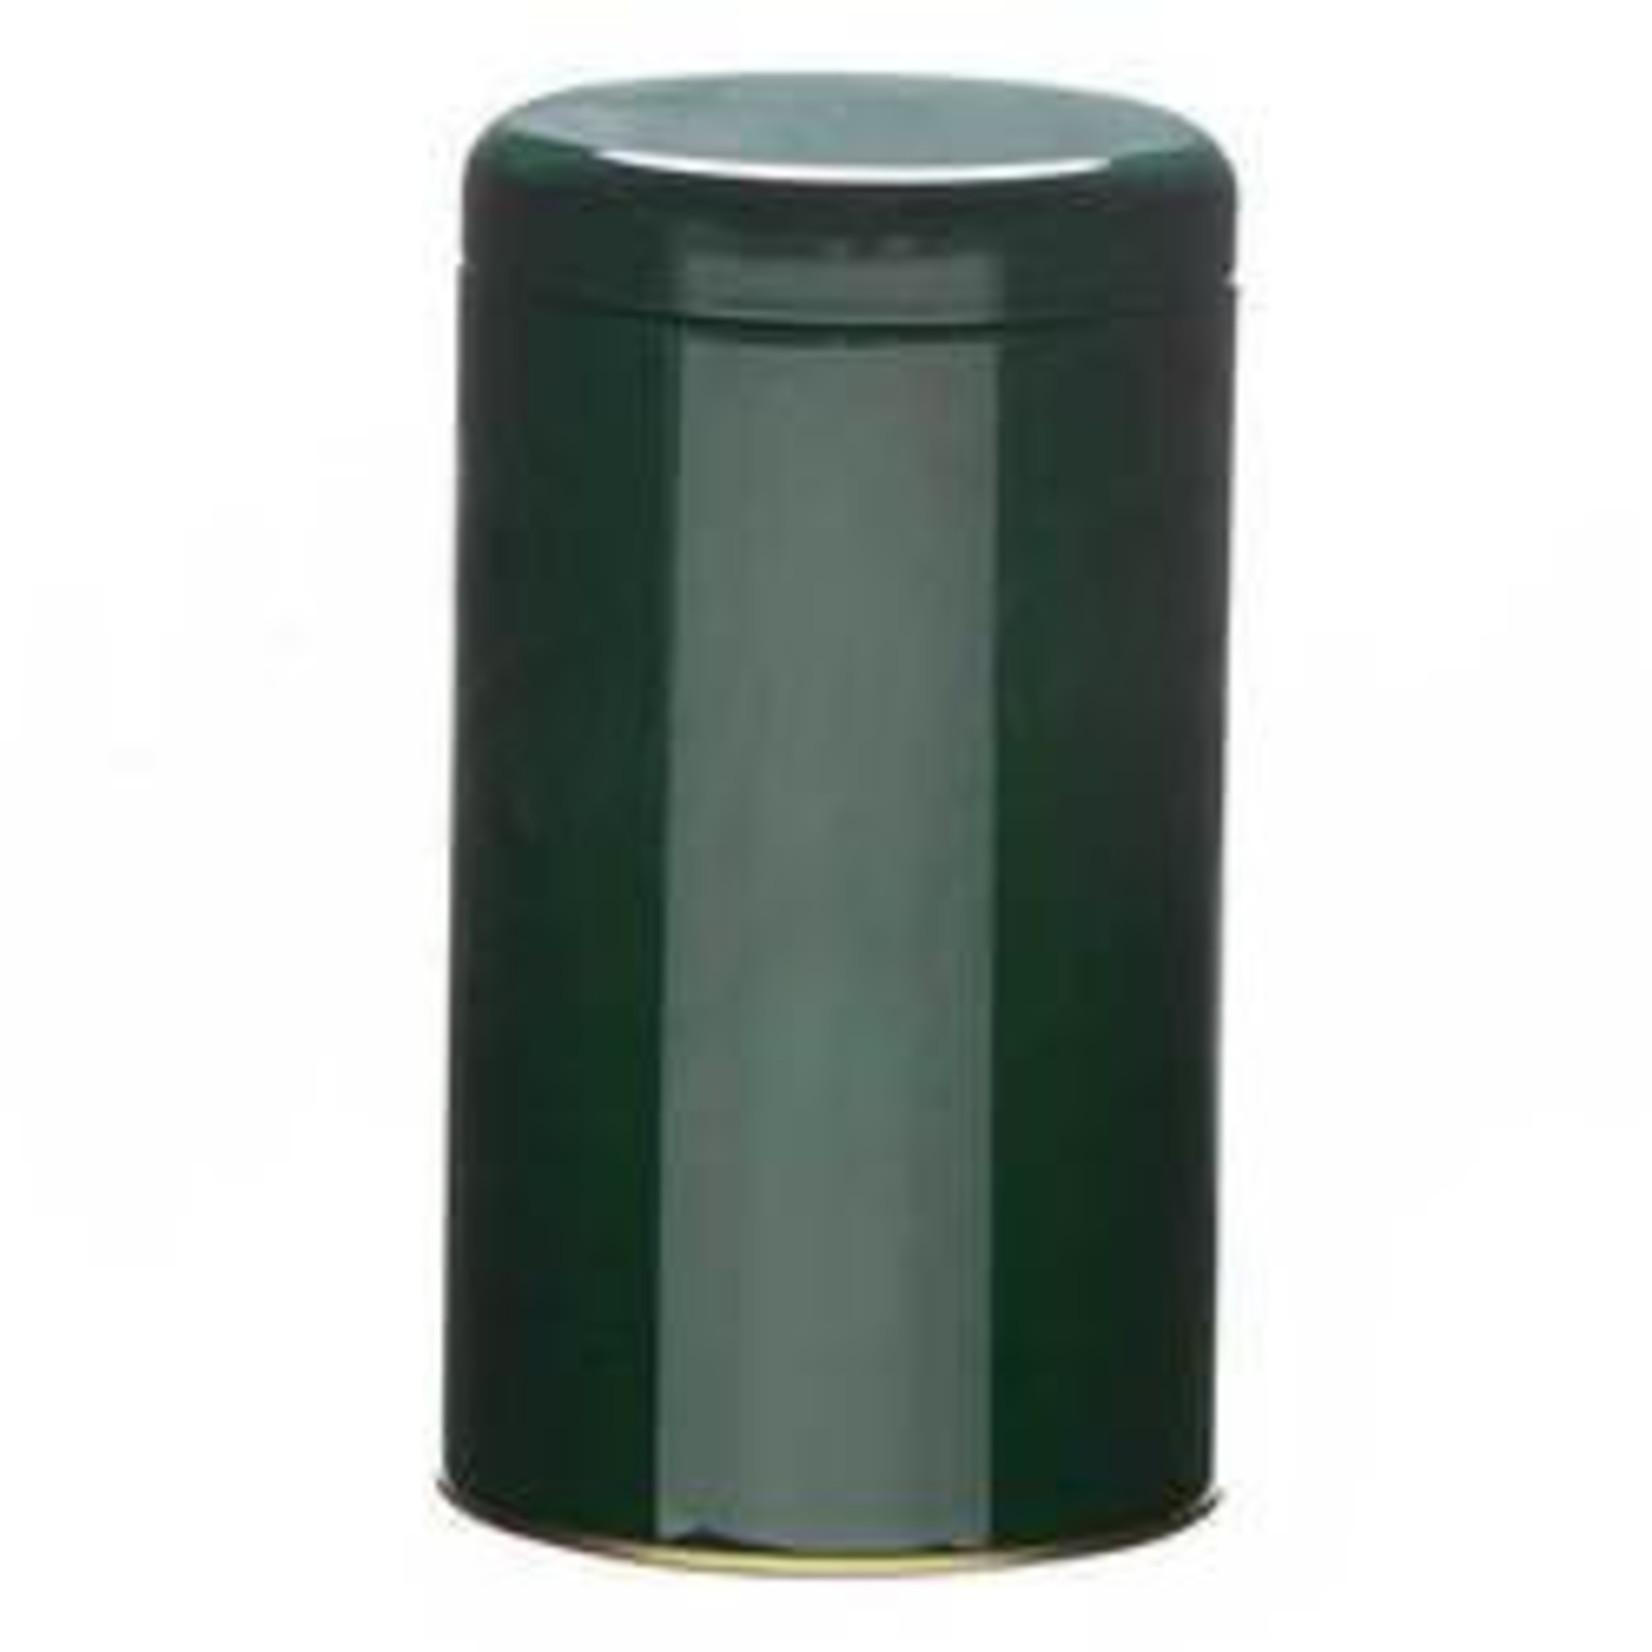 Metropolitan Tea Tea Tin Small Green - 50g/1.7oz